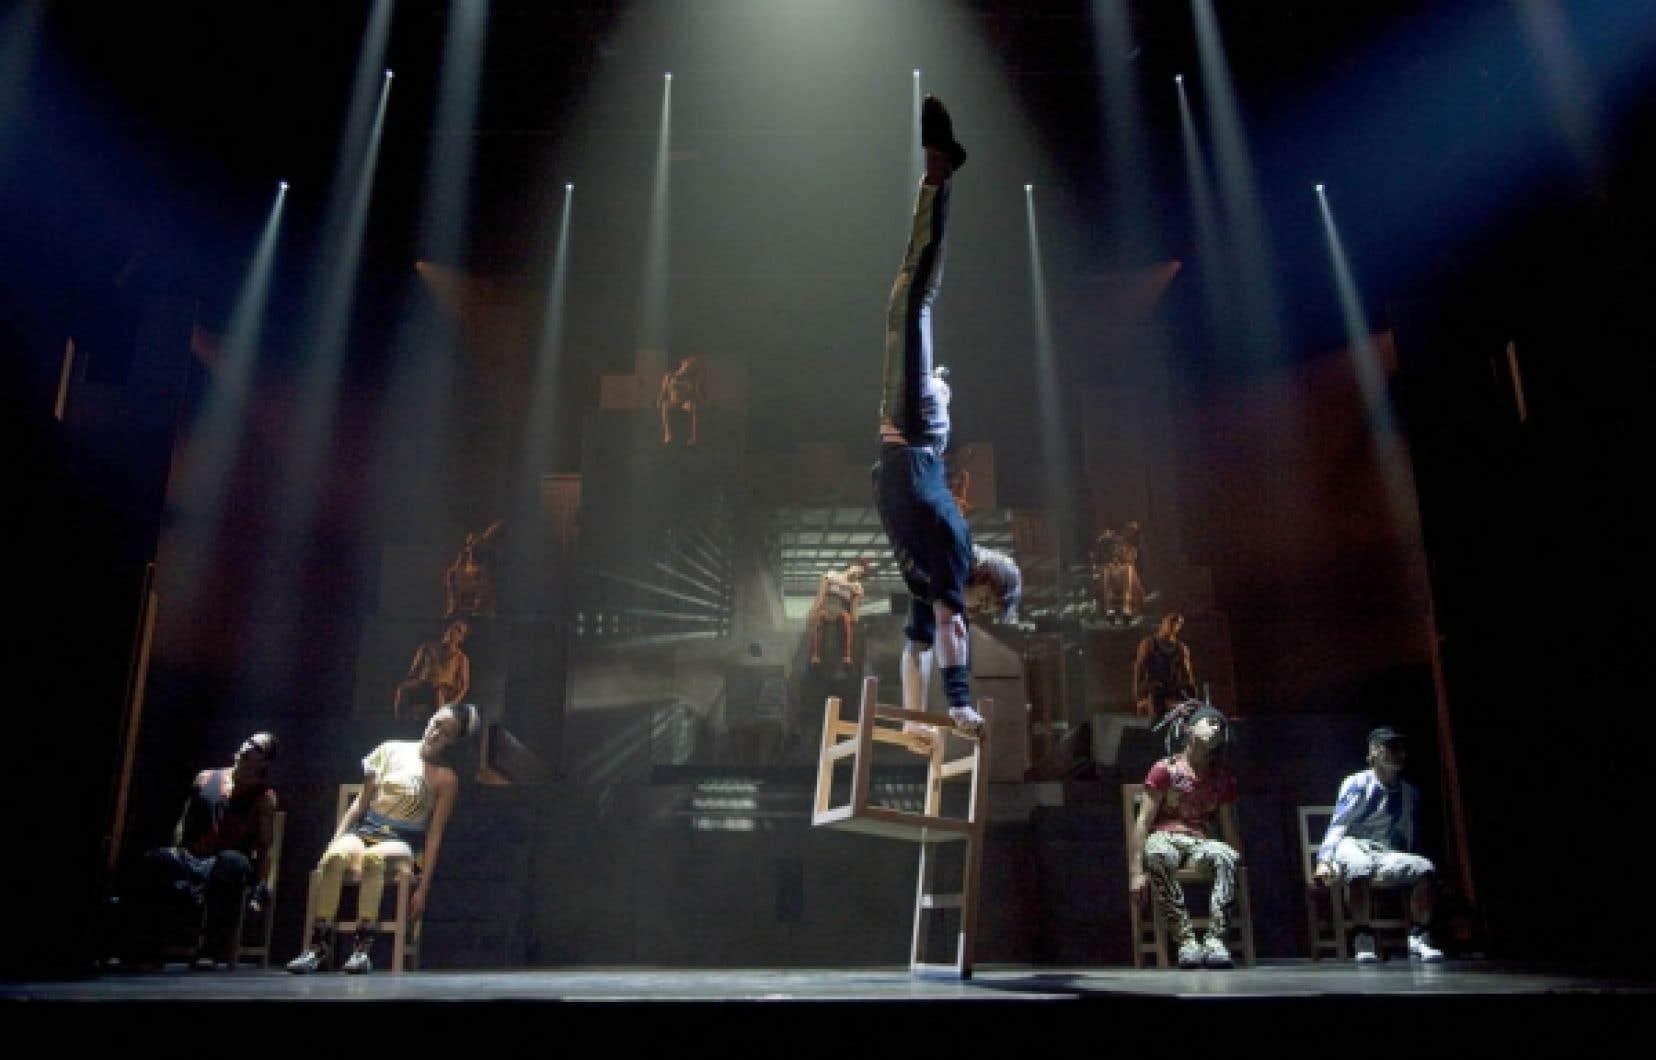 Toute la force de I.D. r&eacute;side dans la fusion entre la danse de rue, hautement acrobatique, et les num&eacute;ros de cirque de haut vol.<br />